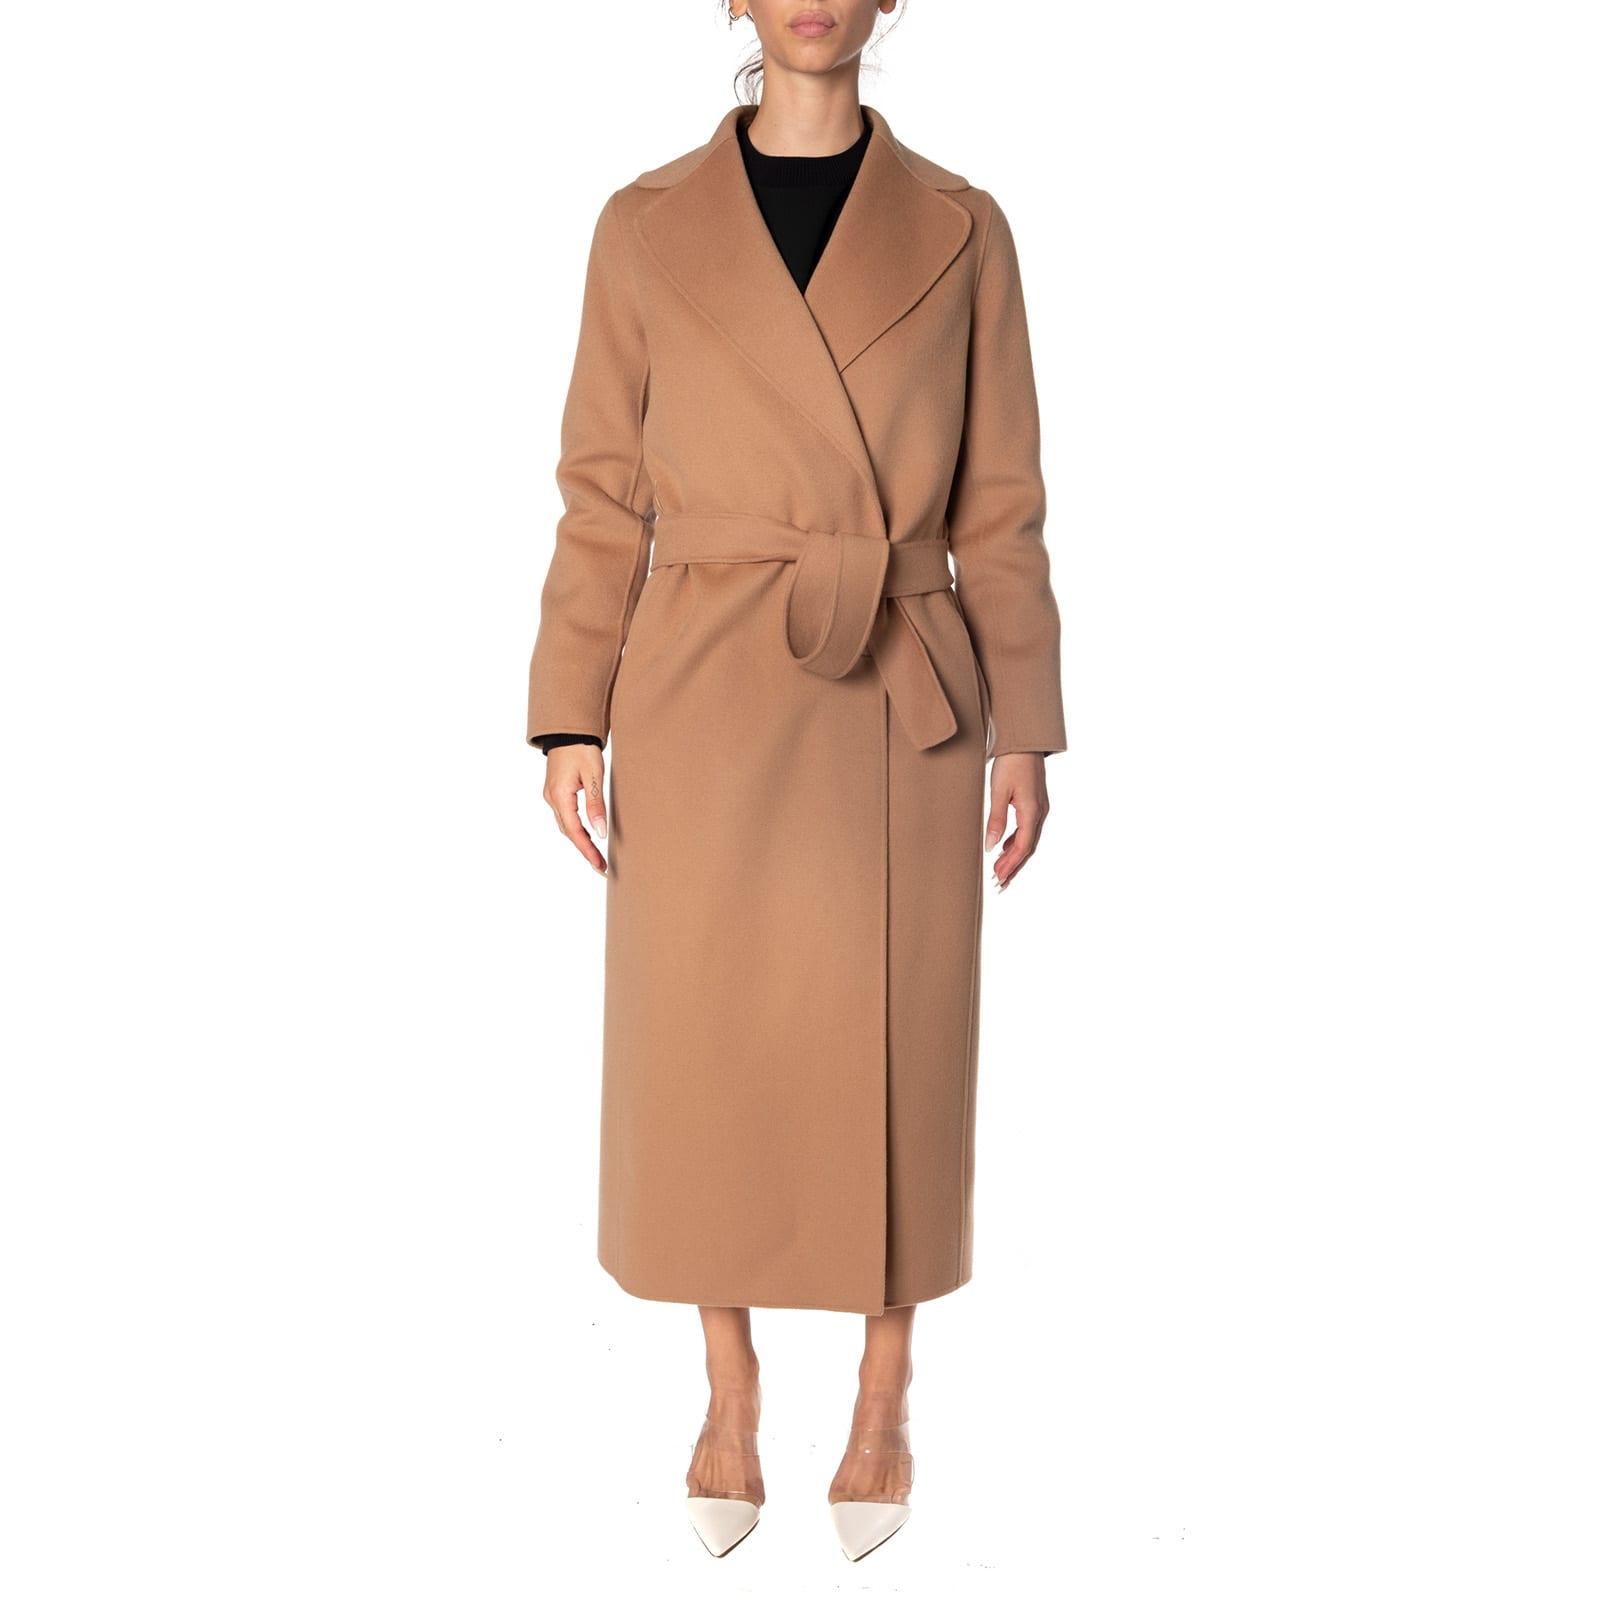 S Max Mara Poldo Coat